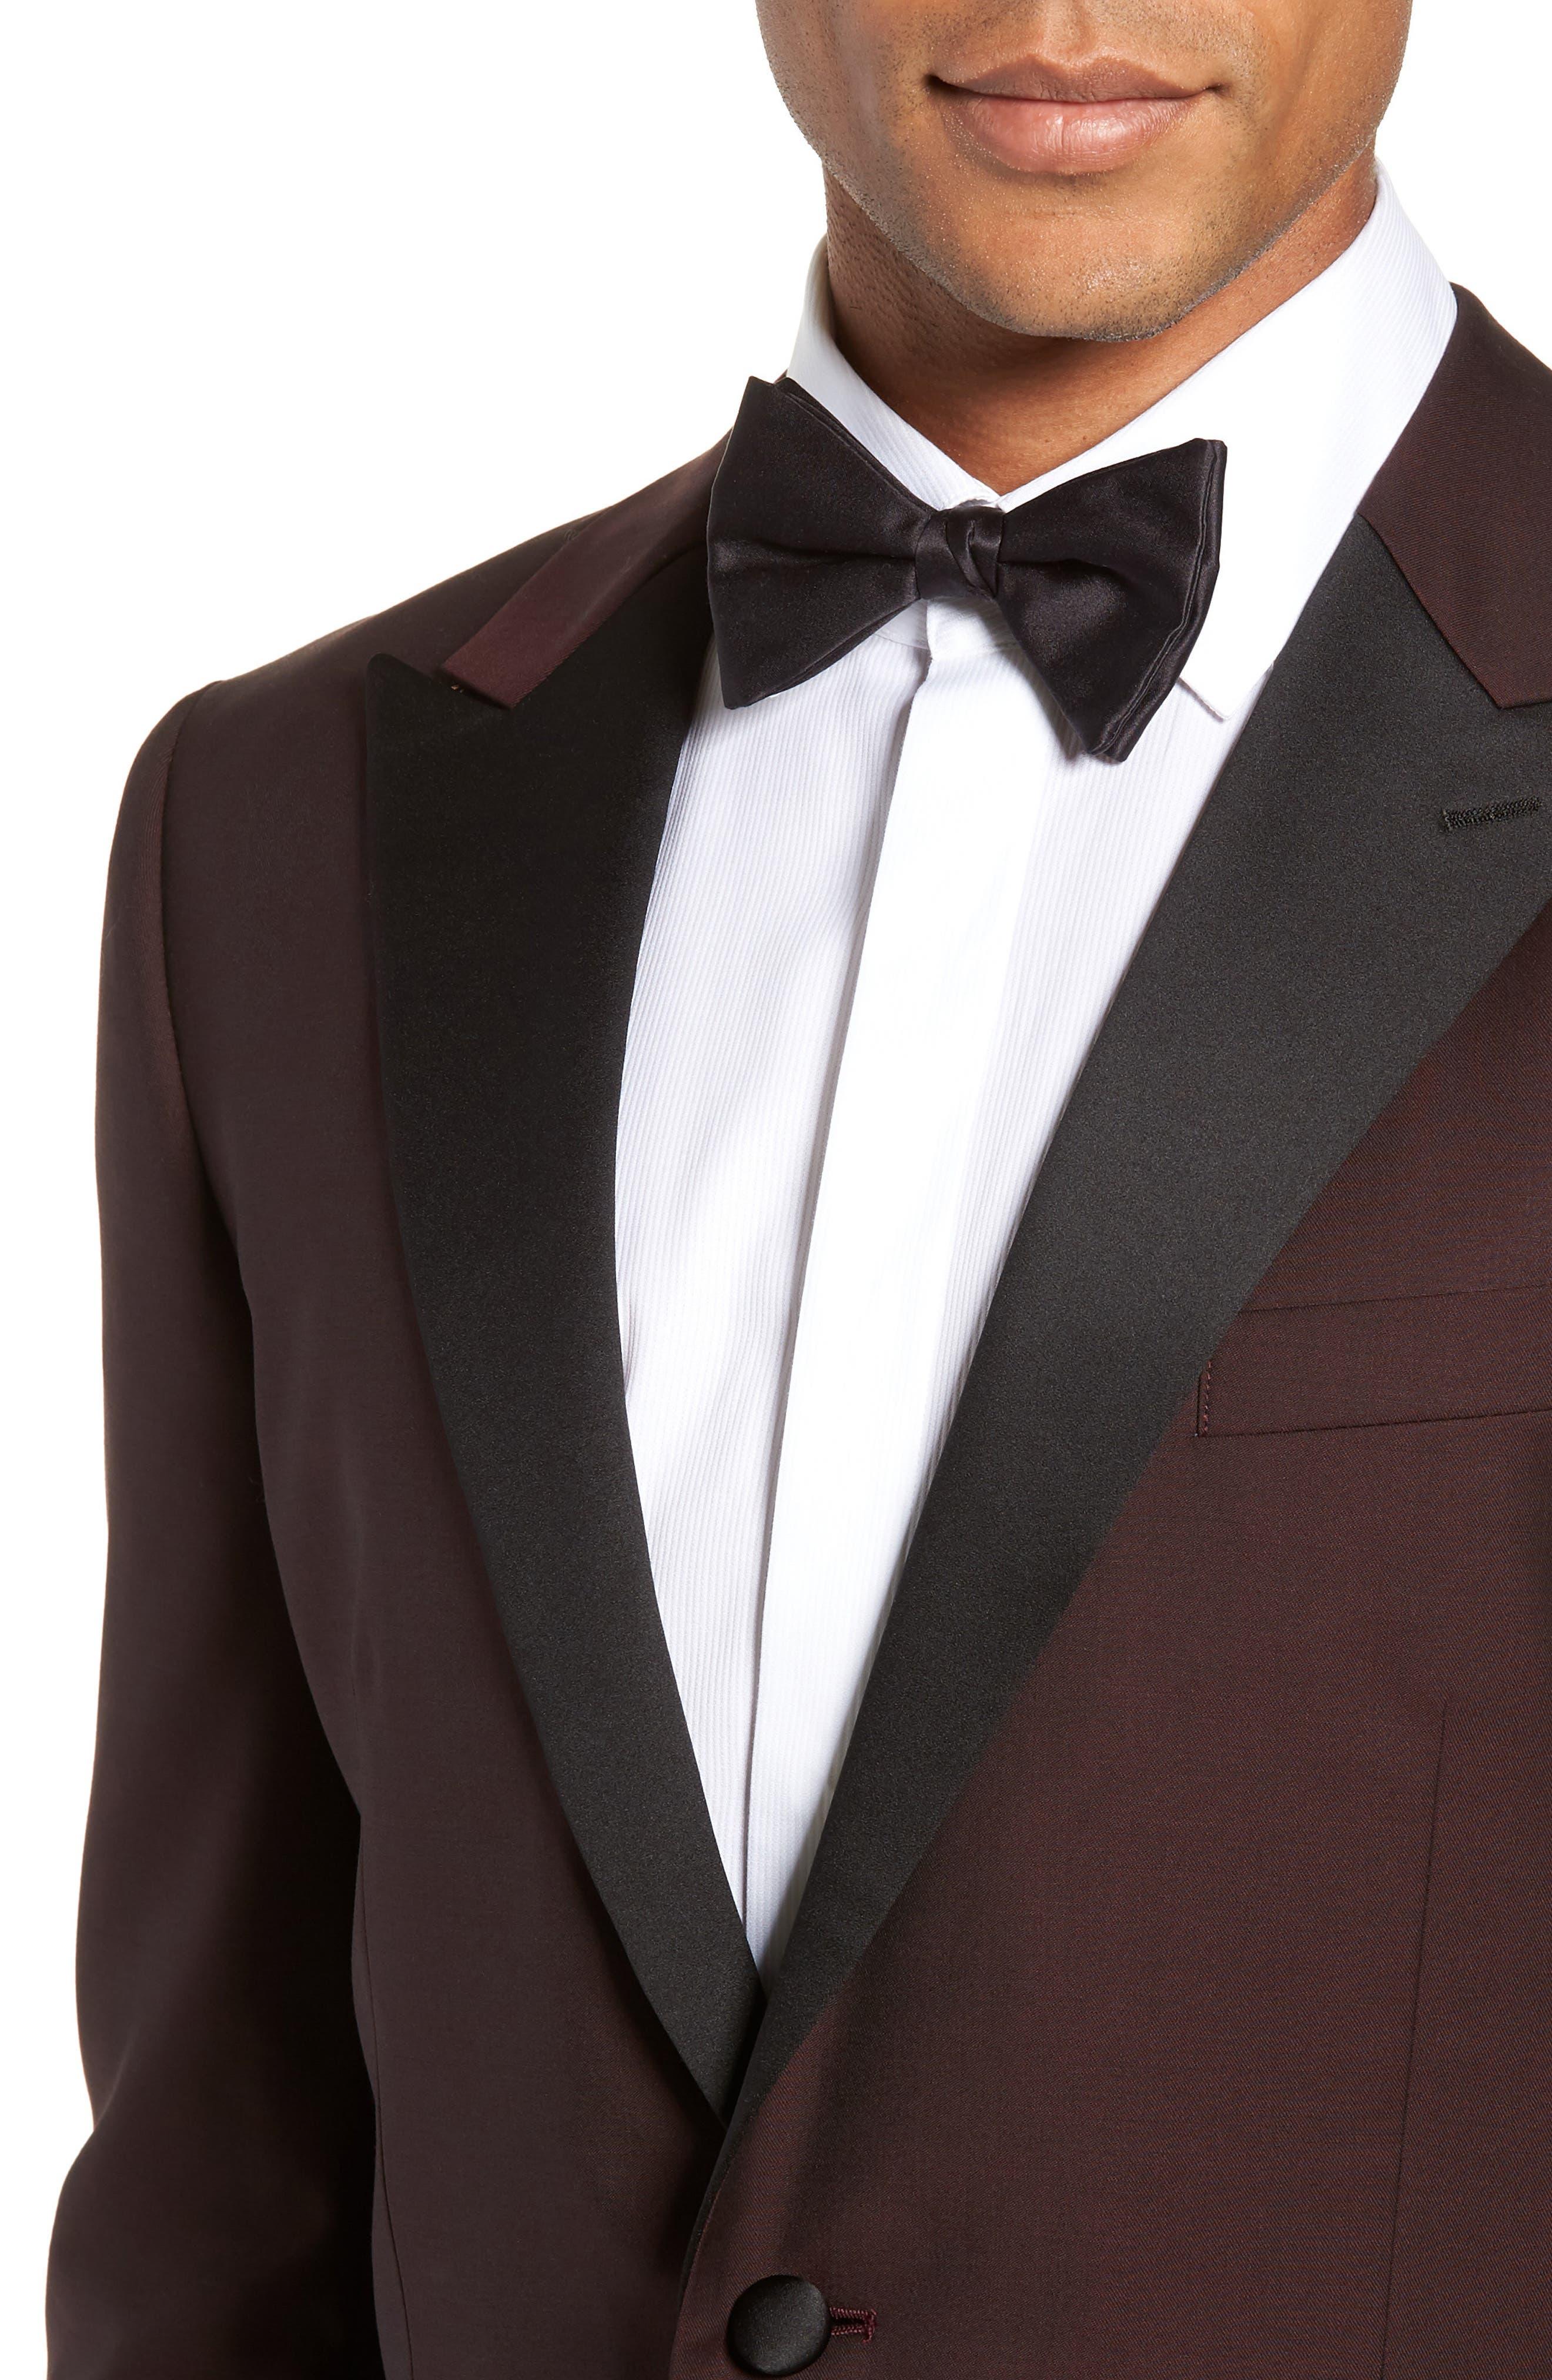 Capstone Slim Fit Italian Wool Dinner Jacket,                             Alternate thumbnail 4, color,                             MAROON